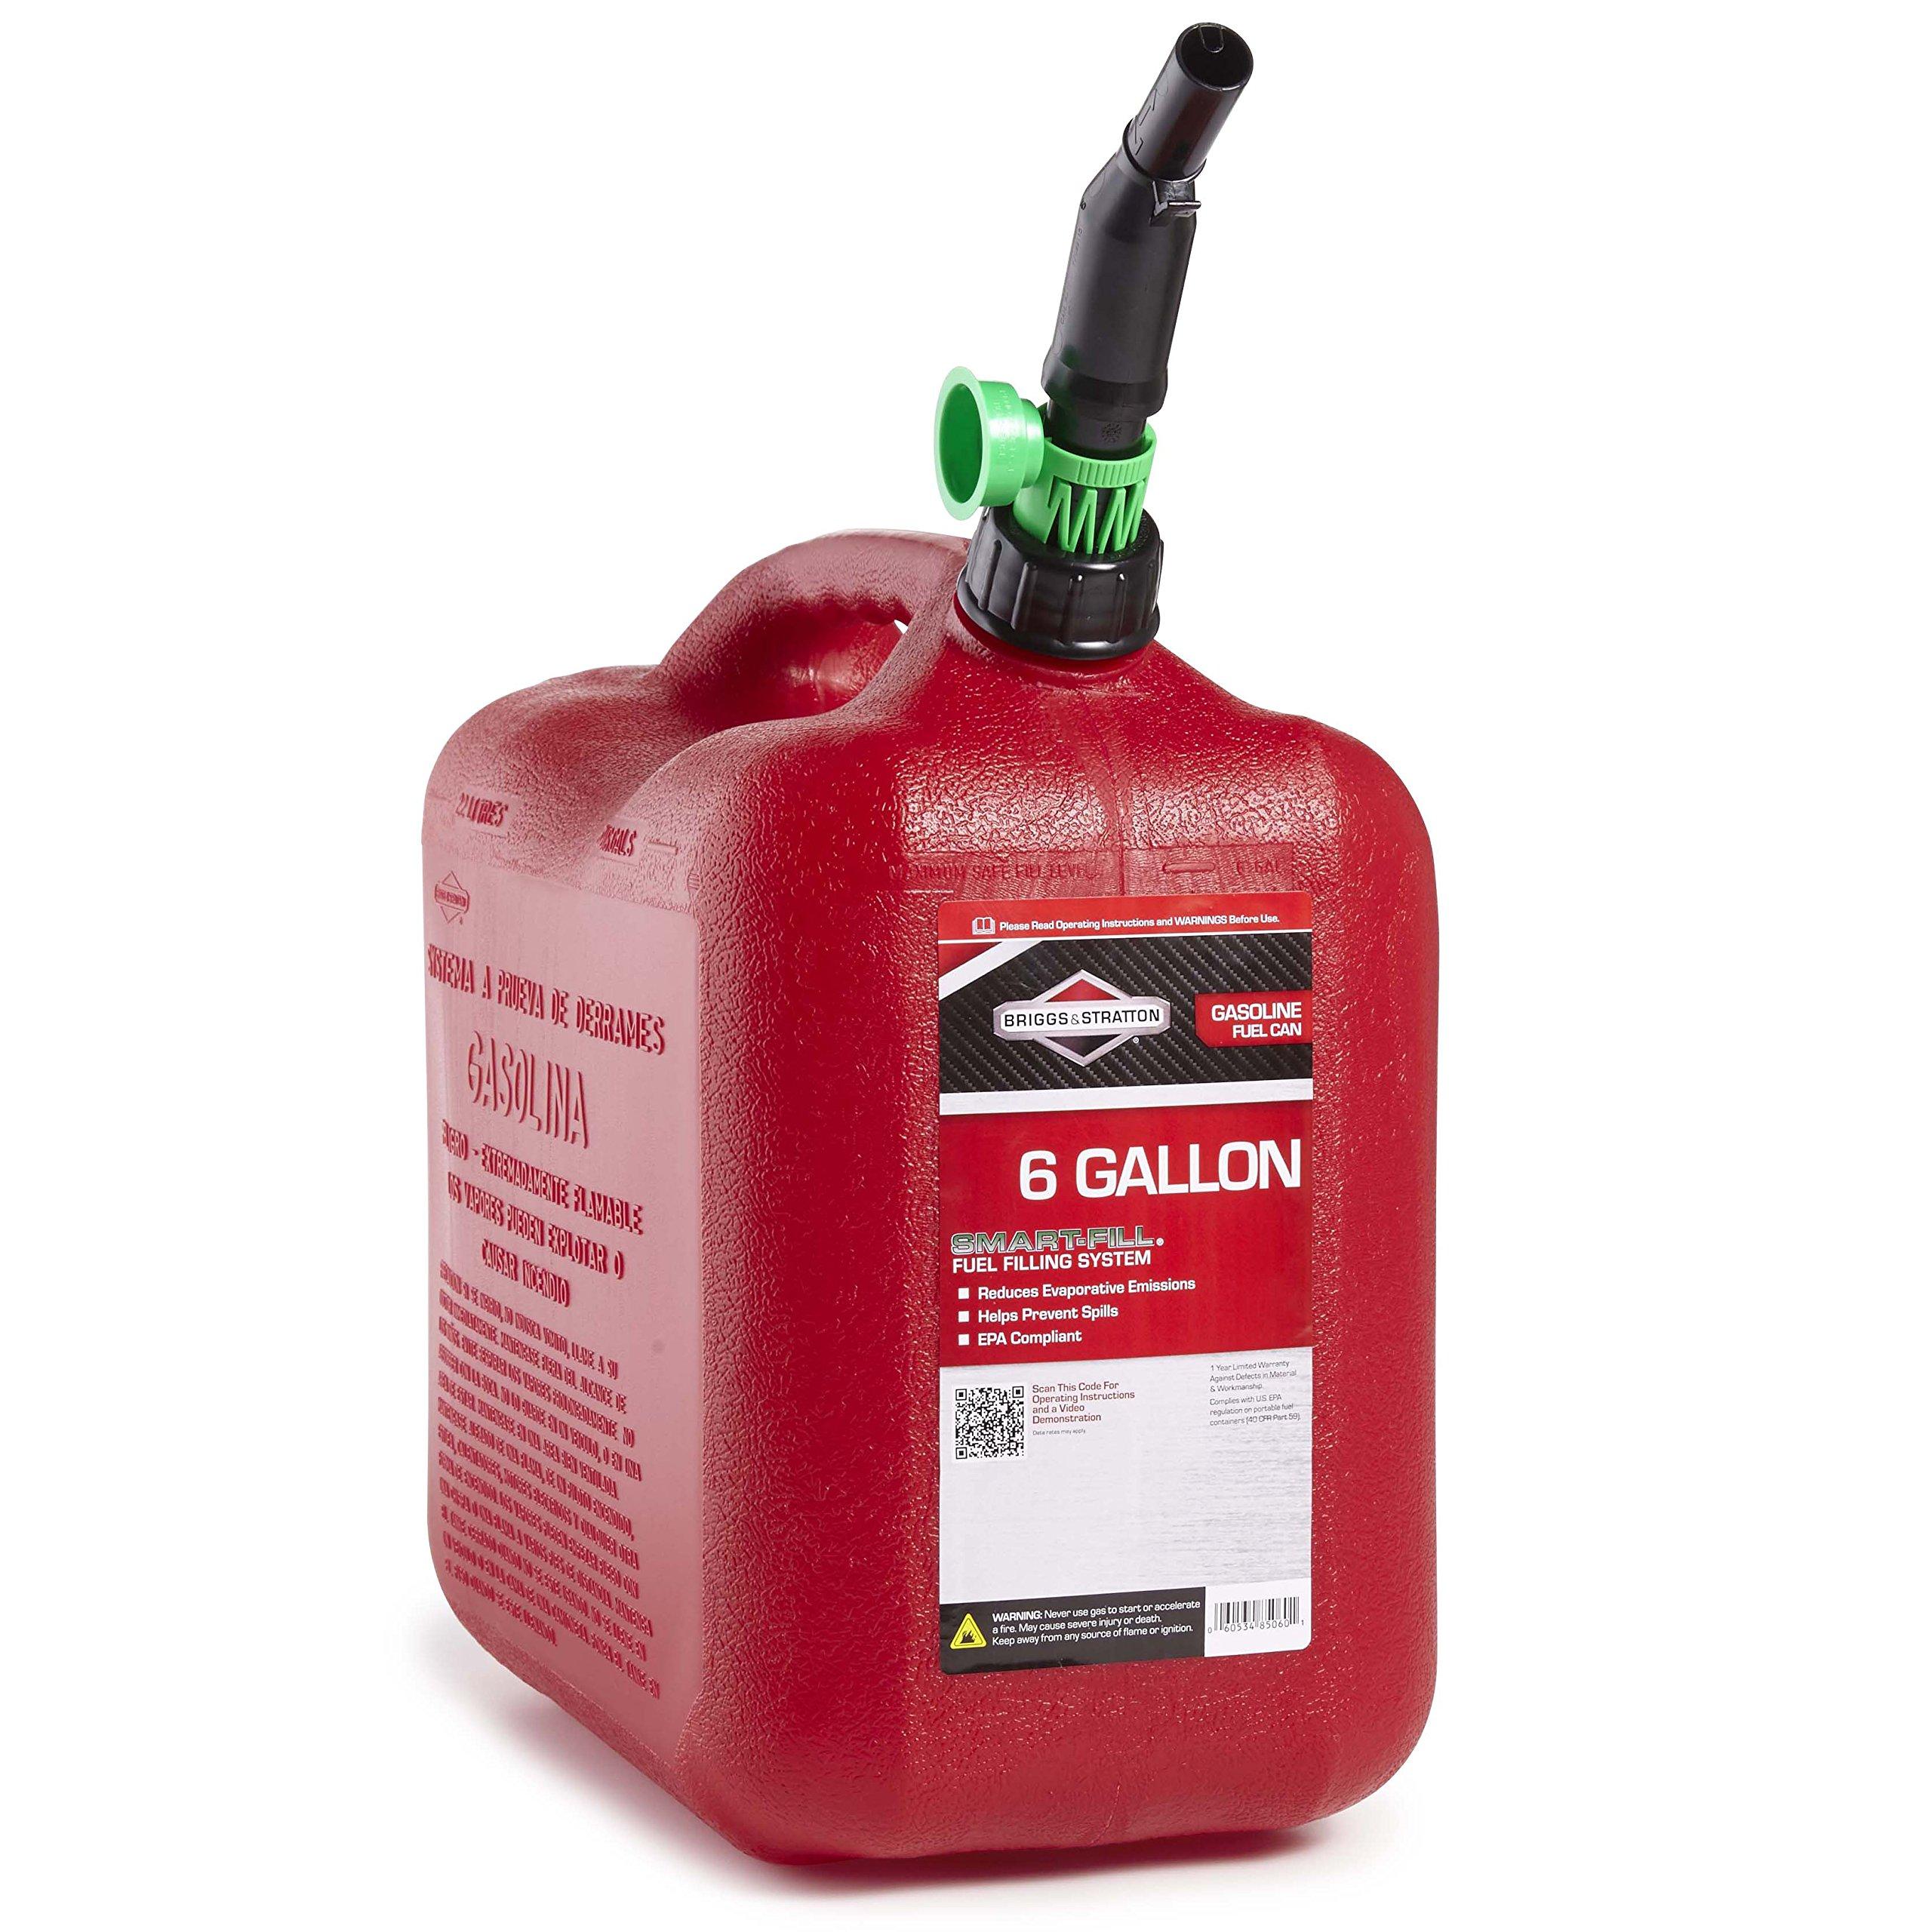 Briggs & Stratton 85060 6-Gallon Auto Shut Off Gas Can